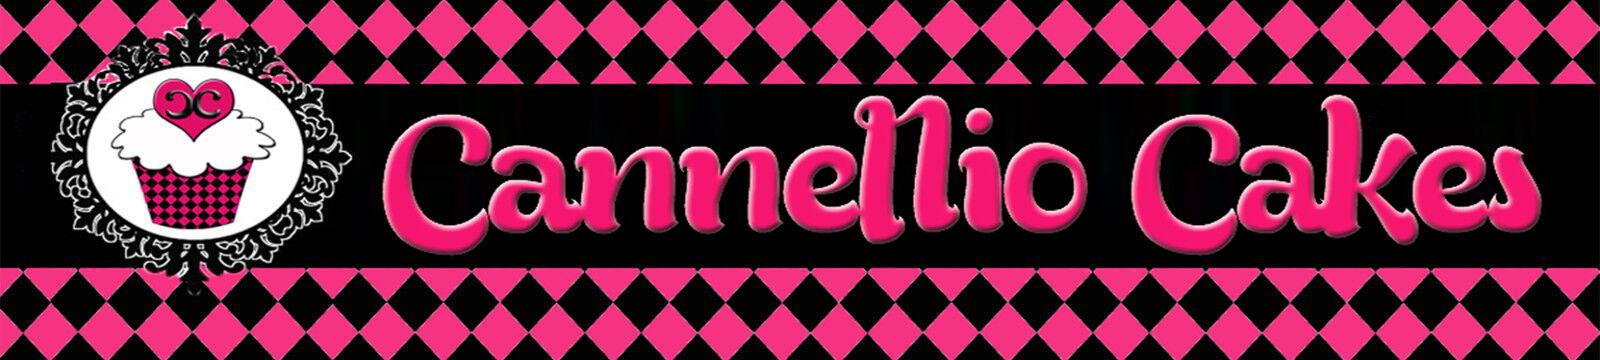 Cannellio Cakes